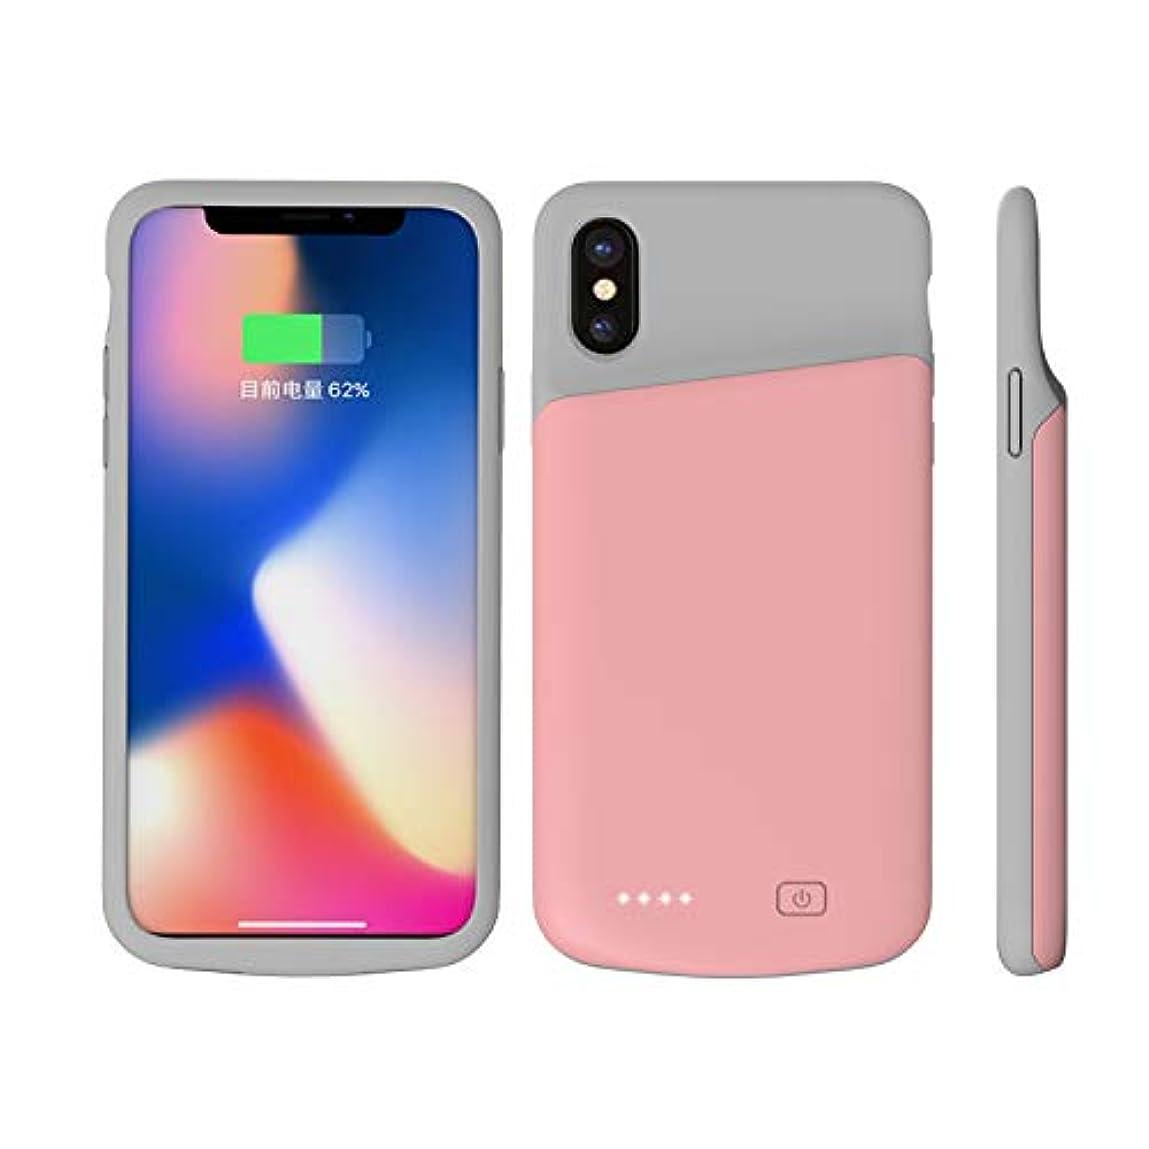 集計音練習iPhone X/XS/10 4000mAhバッテリーケース、超スリムポータブル充電ケース、iPhone X/XS/10 4000mAh用充電式拡張バッテリーパック、保護バックアップ電源バンクカバー、5.8 インチ